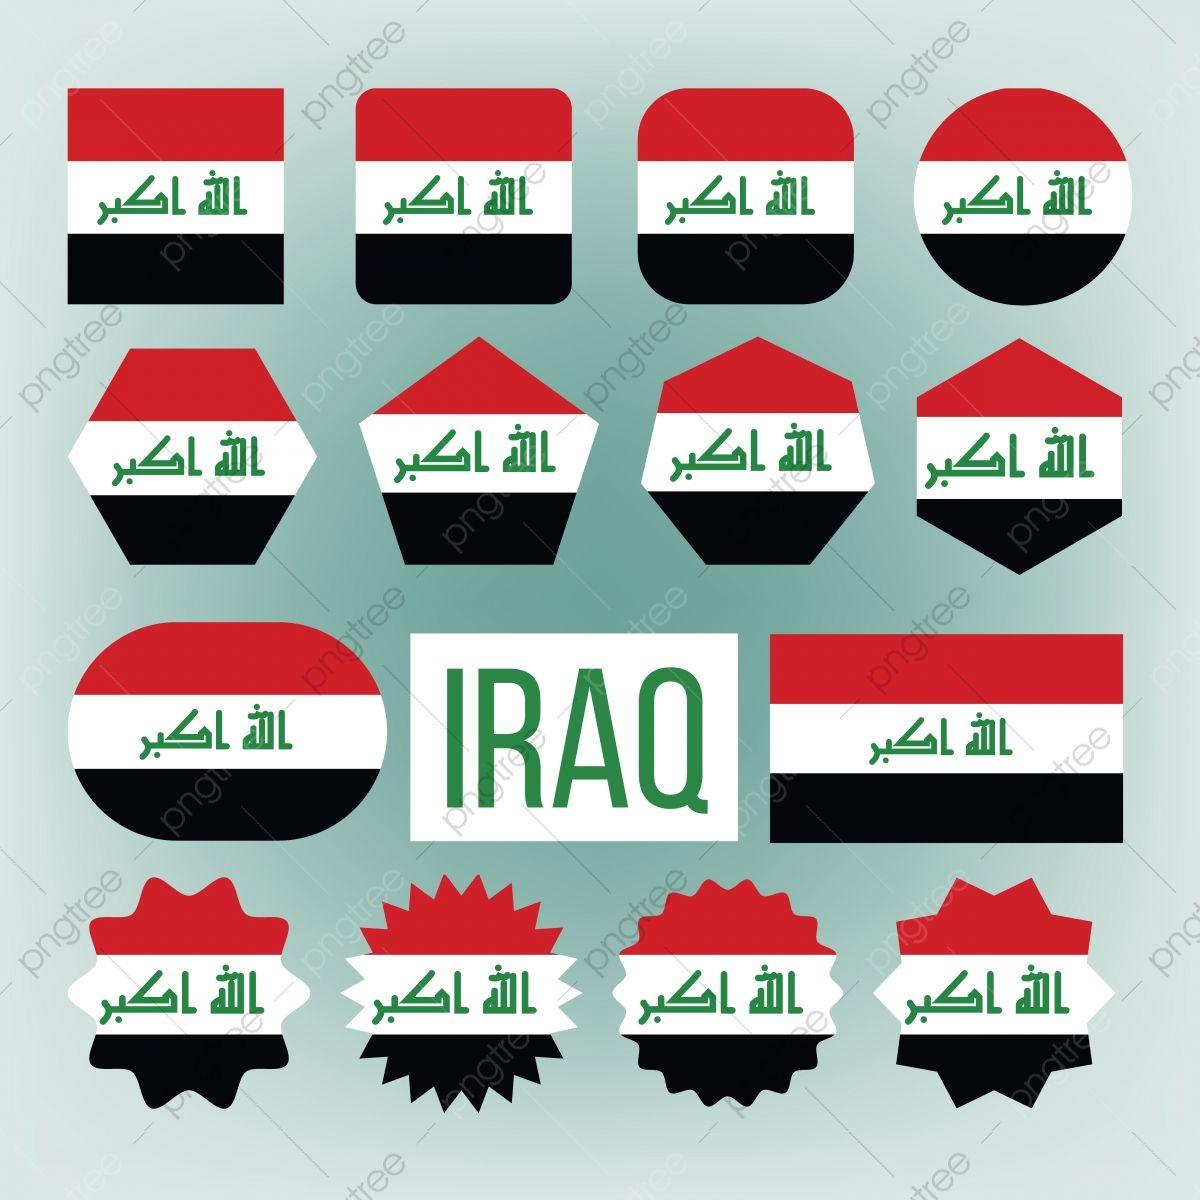 علم العراق أجبر العظم سهم التوجيه نيبال العراق رمز سهل أشكال مختلفة Illustration ناقلات المثال التوضيحي العراق Png والمتجهات للتحميل مجانا Iraq Flag Iraqi Flag Iraq